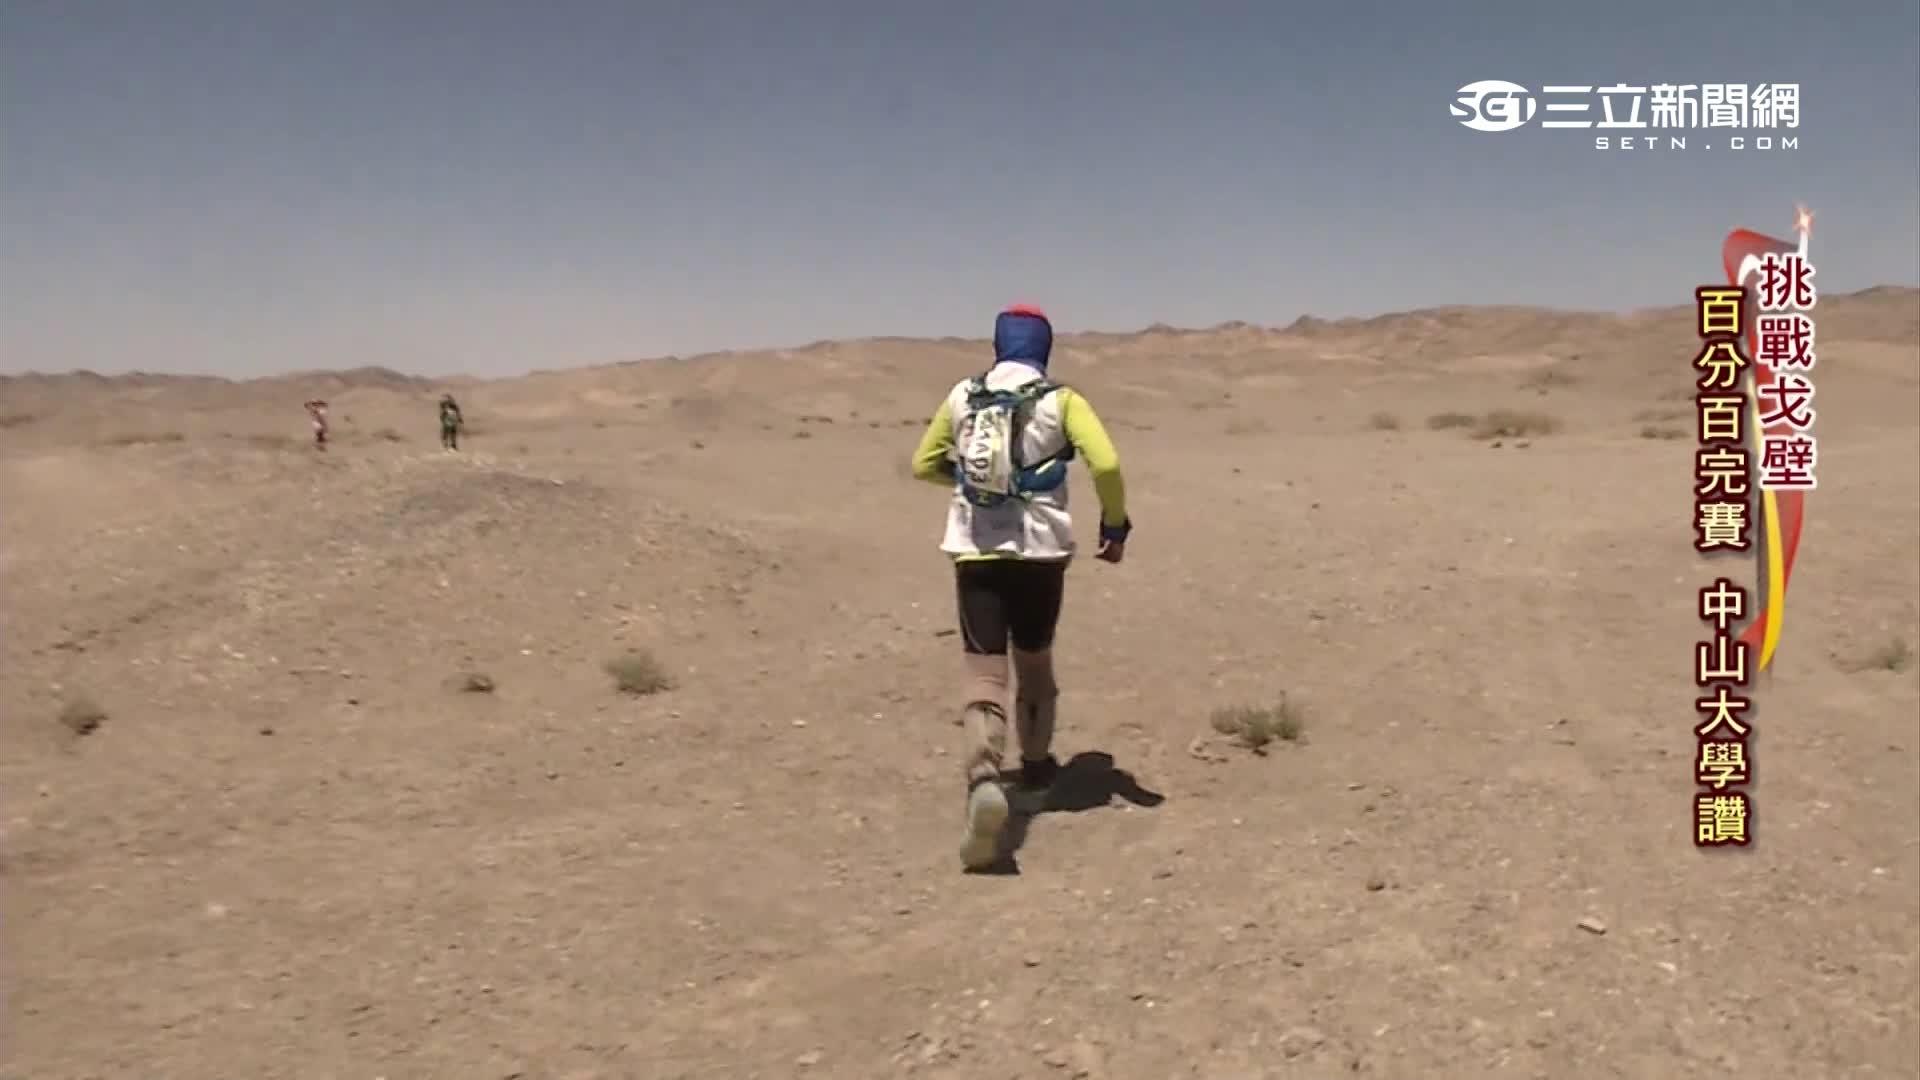 全球最貴路跑 挑戰戈壁全記錄